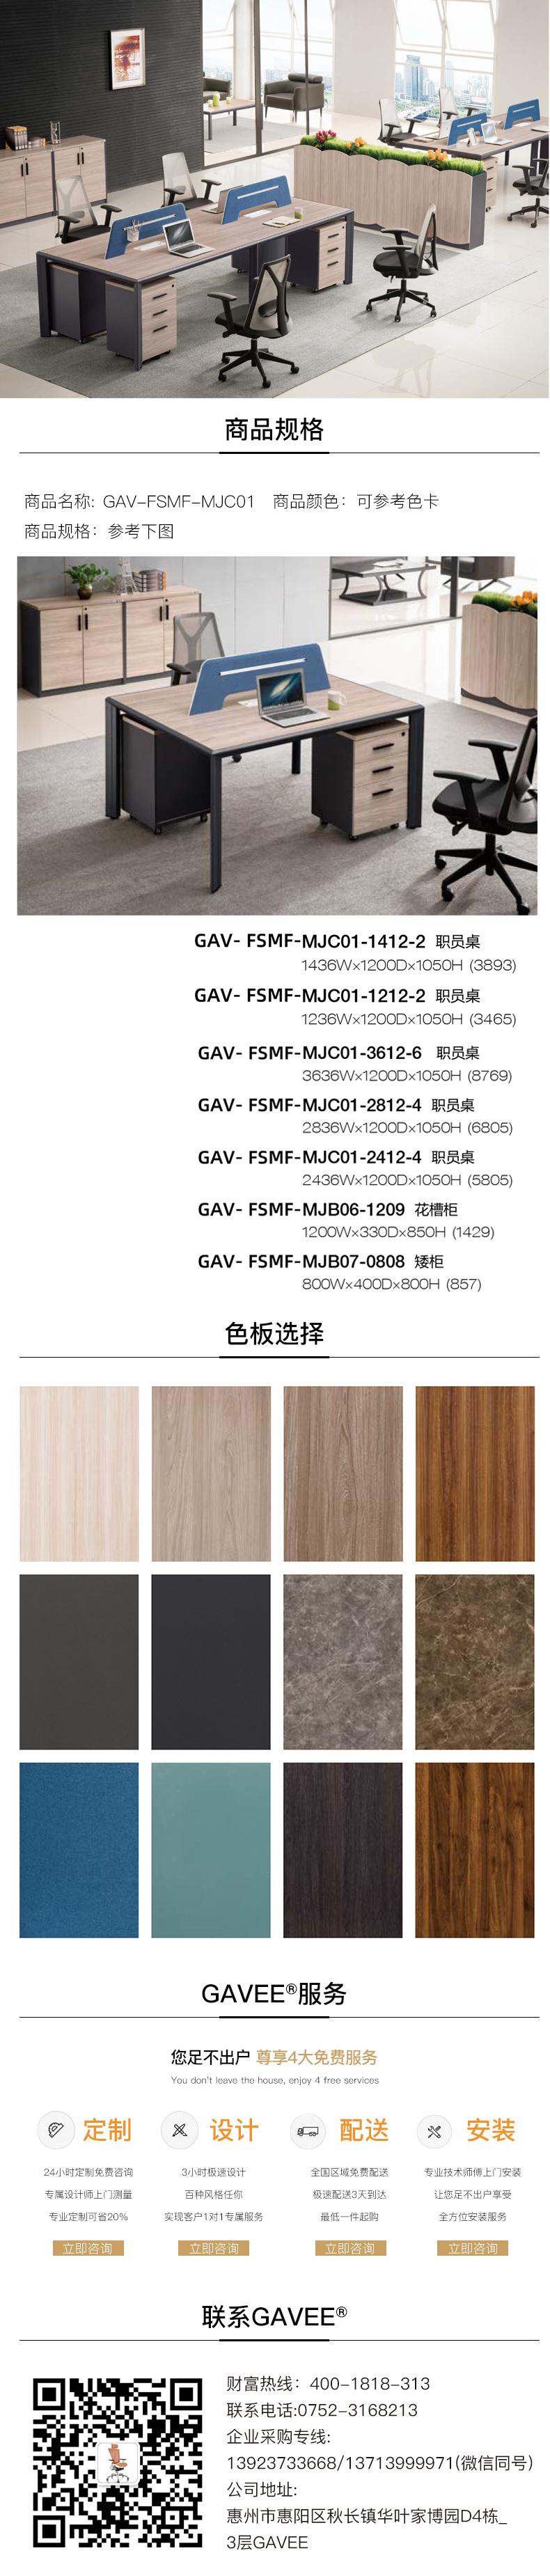 開放辦公系統GAV-FSMF-MJC01.jpg